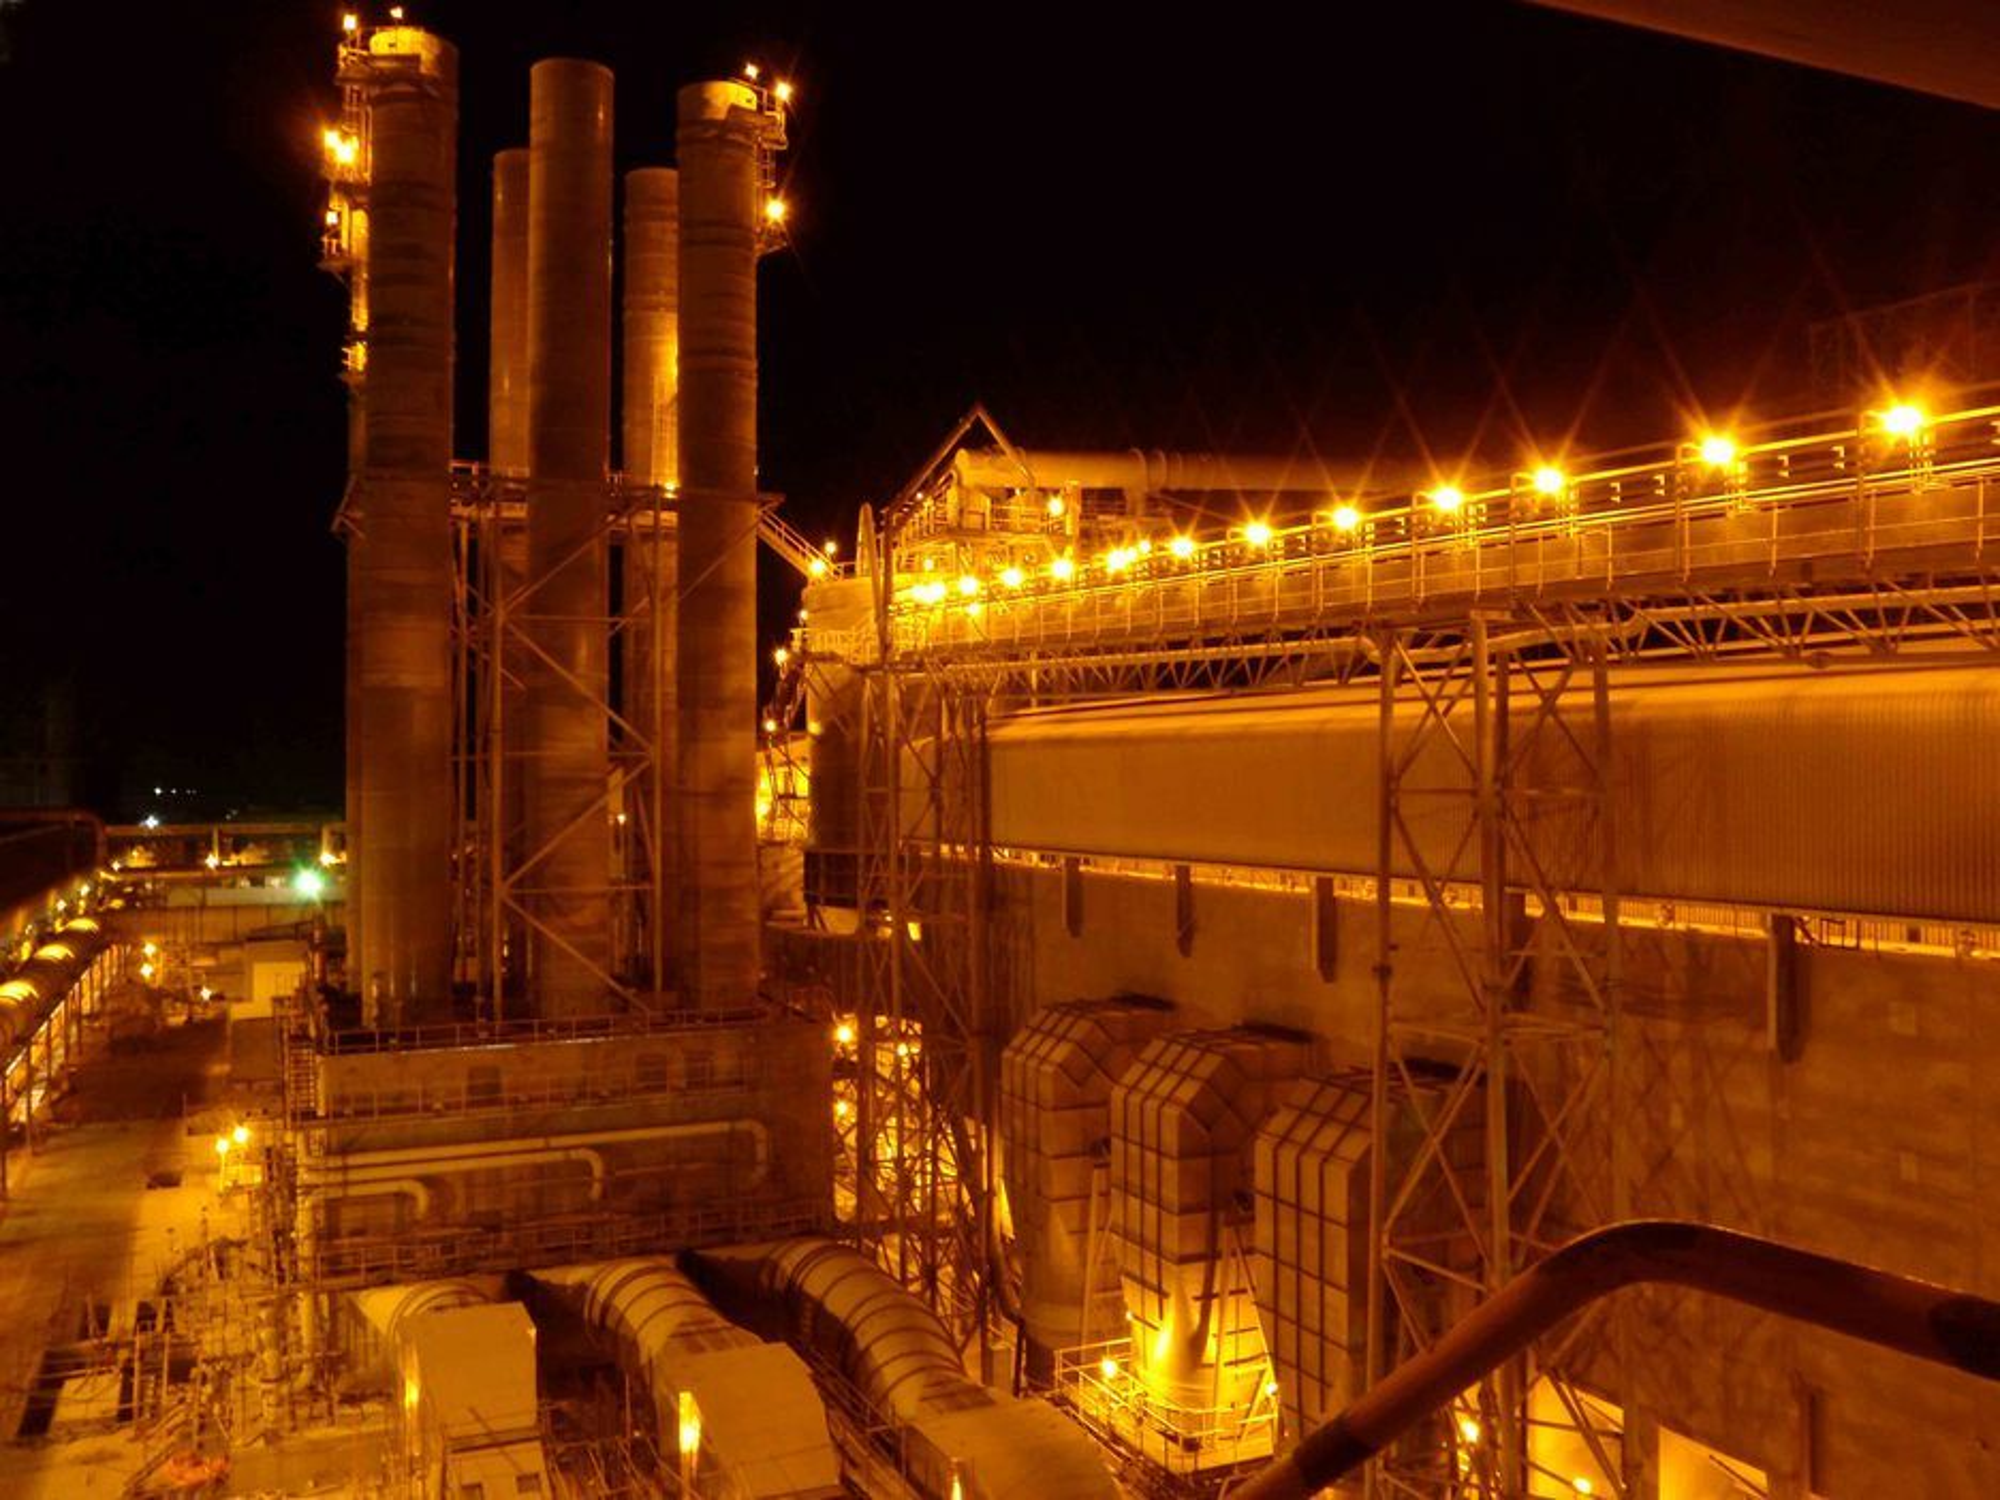 FASE 1: Alstom satte ny rekord da de leverte renseanlegg til den første fasen av EMAL-aluminiumsverket. Verket produserer 700.000 ton, men skal nå utvides og doble produksjonen. Da trengs enda mer norsk renseteknologi.